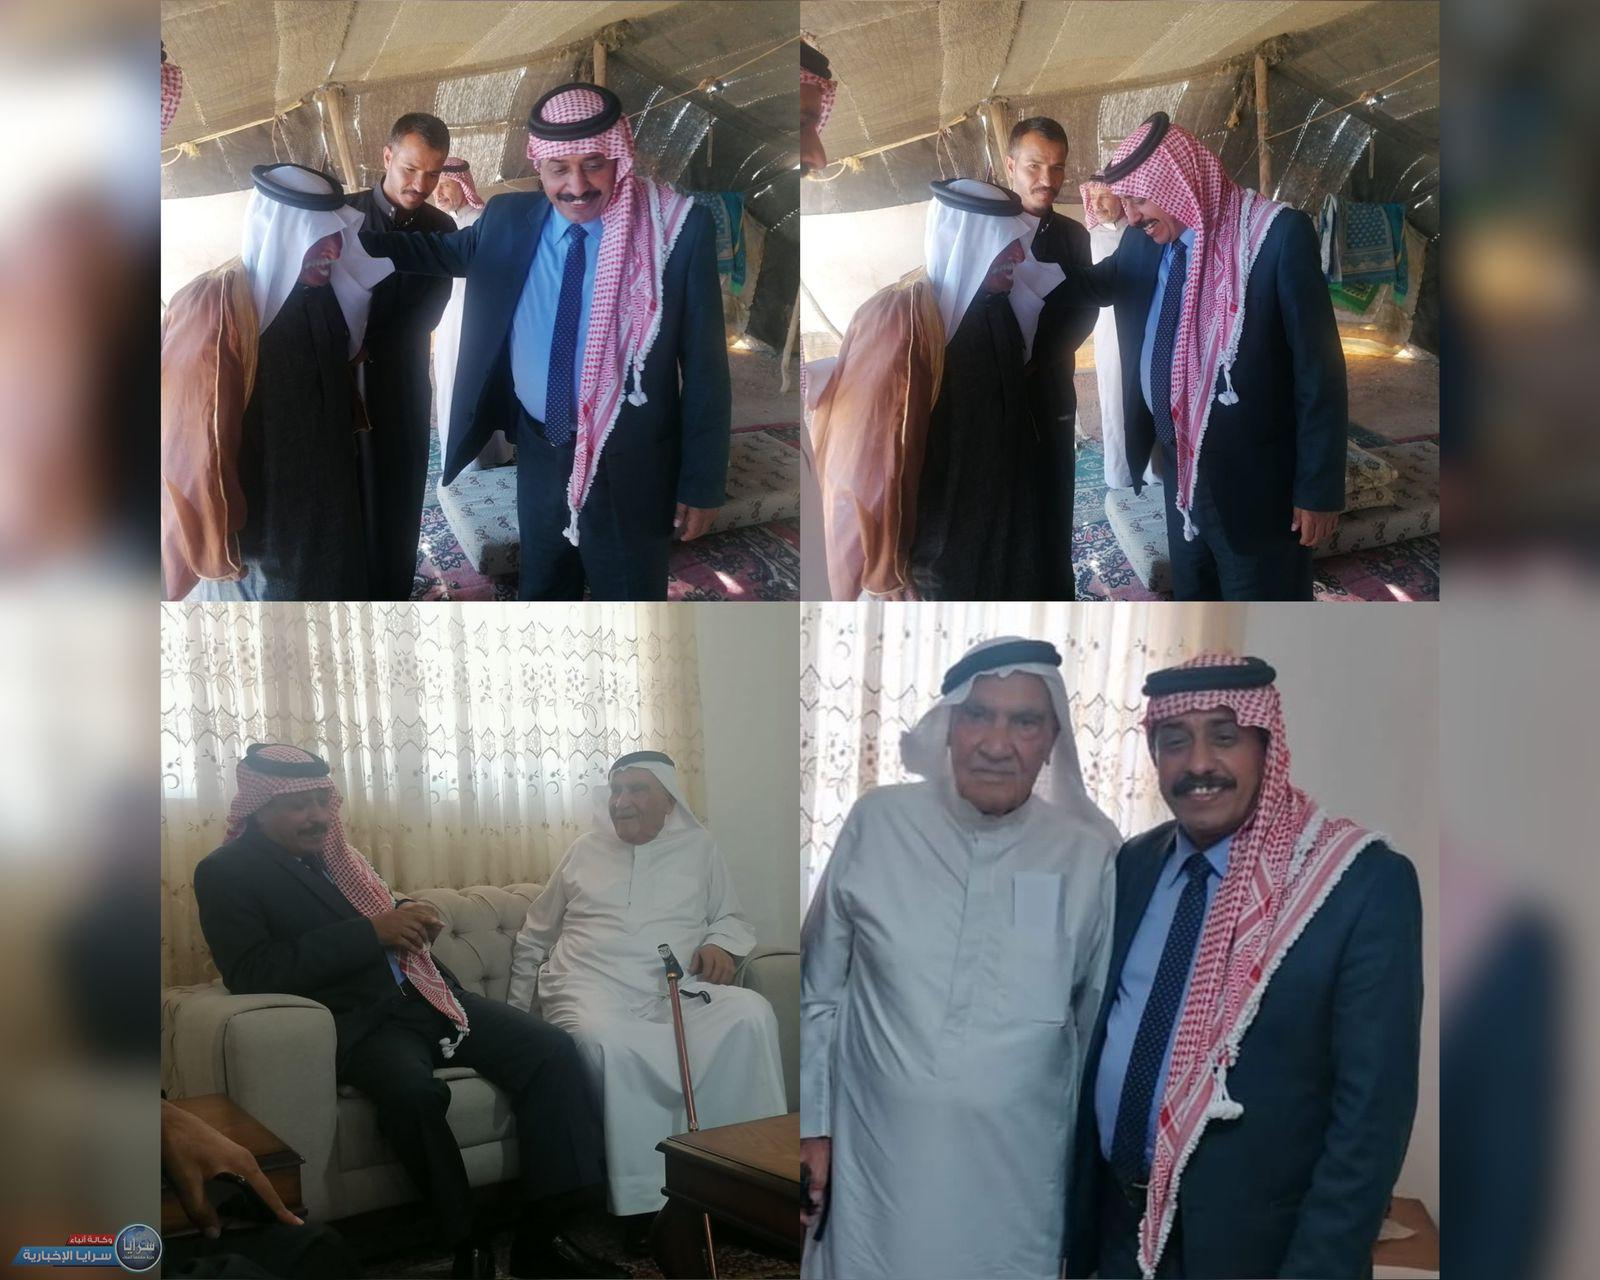 الحجايا يزور الشيخ فهد المراغية للاطمئنان على صحته و الكاتب والمؤرخ حامد النوايسة